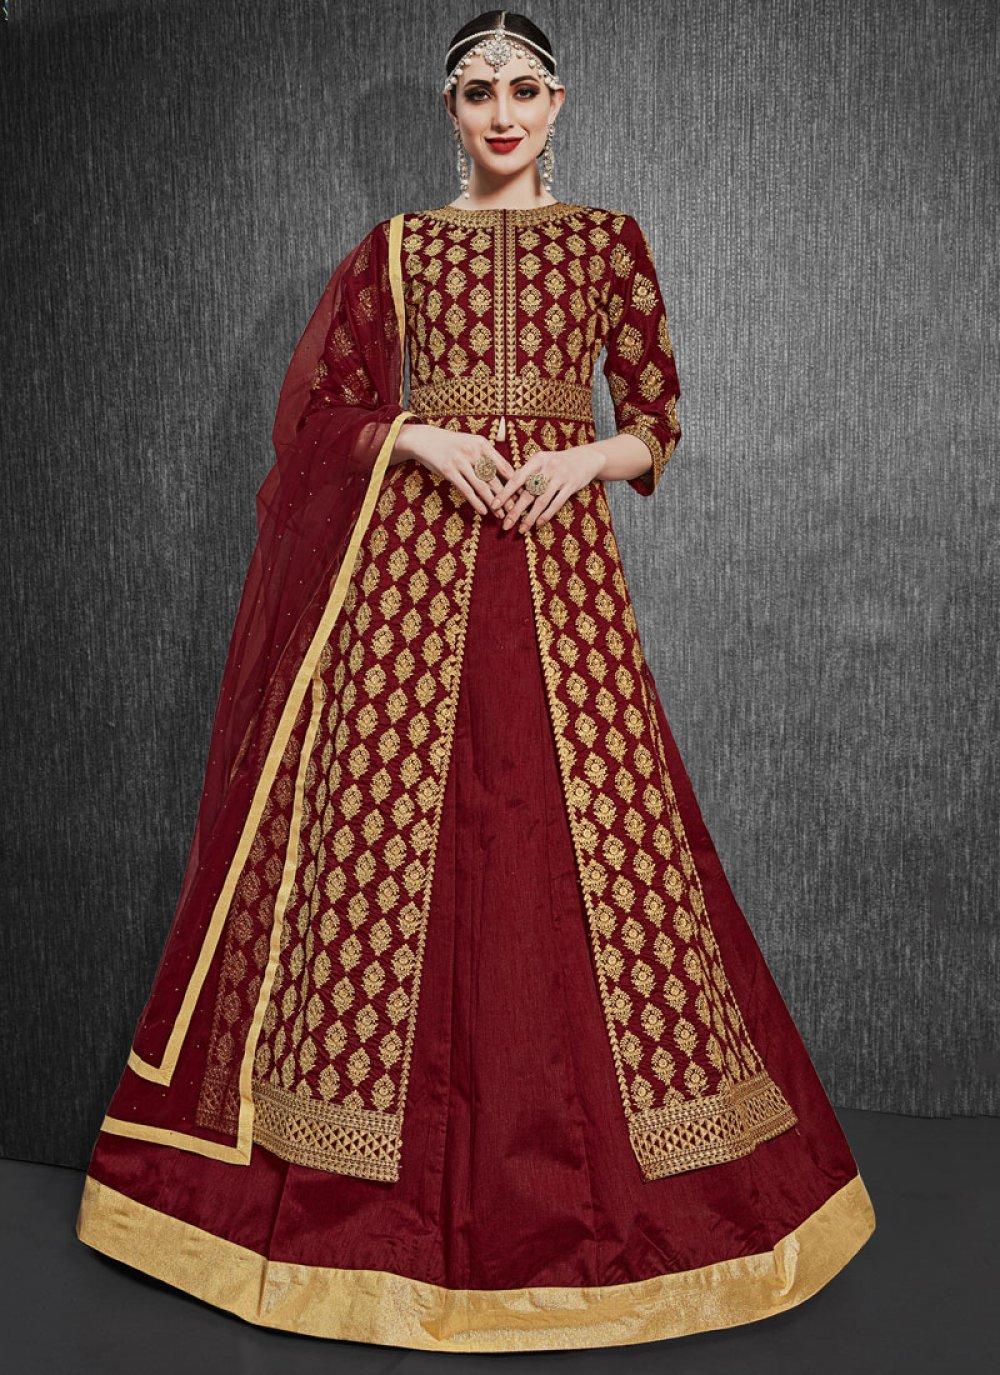 Silk A Line Lehenga Choli in Maroon